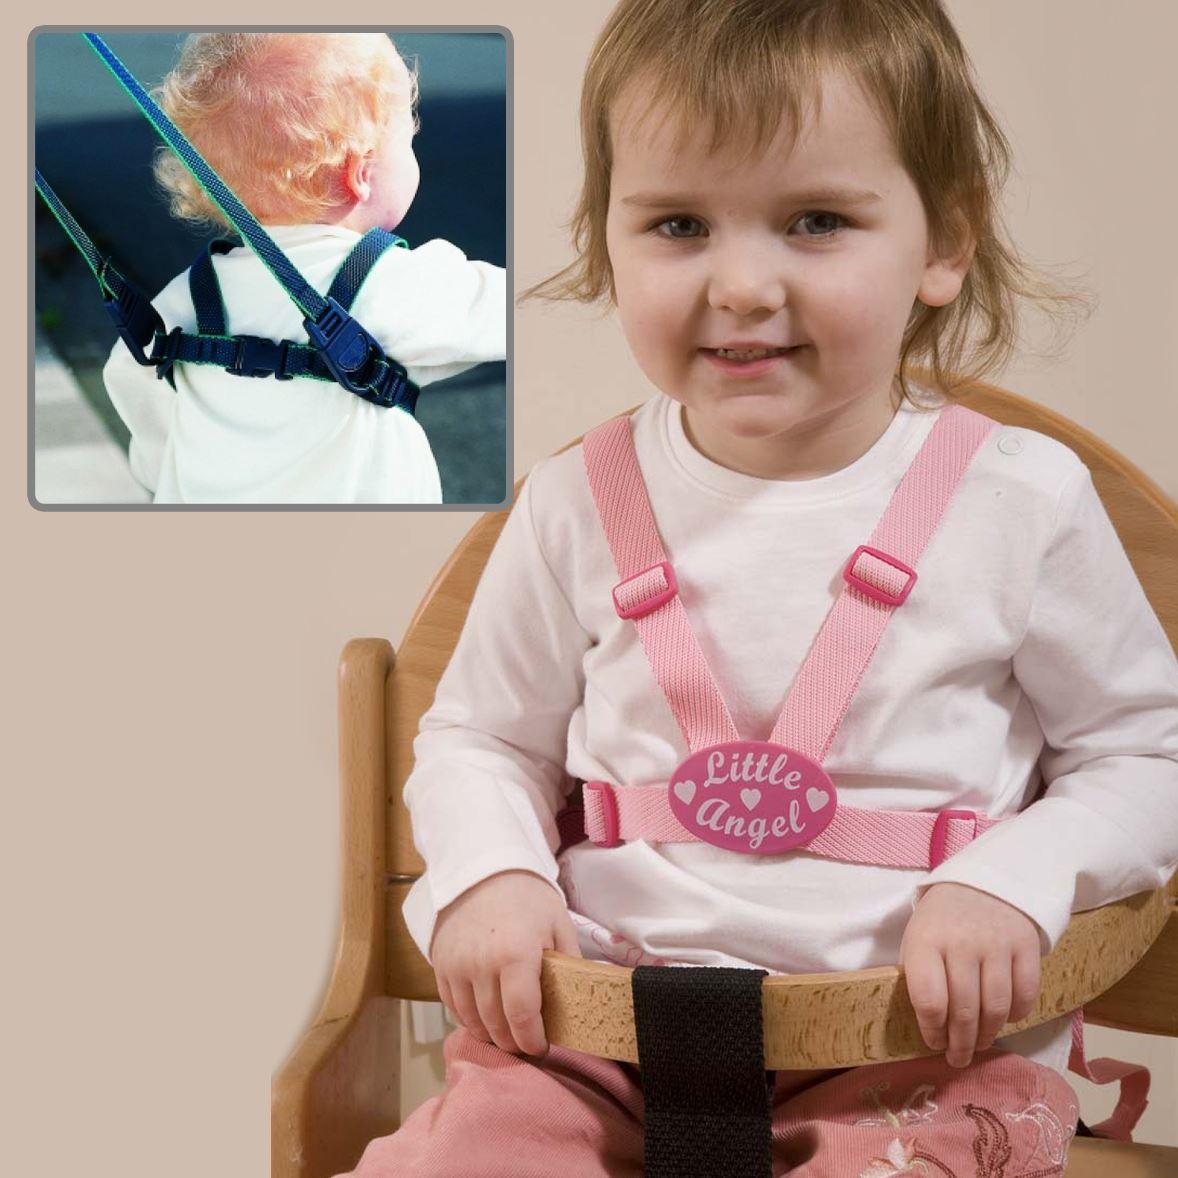 英國兒童防走失學步帶/安全牽引繩/攜帶式餐椅安全帶-小天使 CLIPPASAFE E-10D-CL036